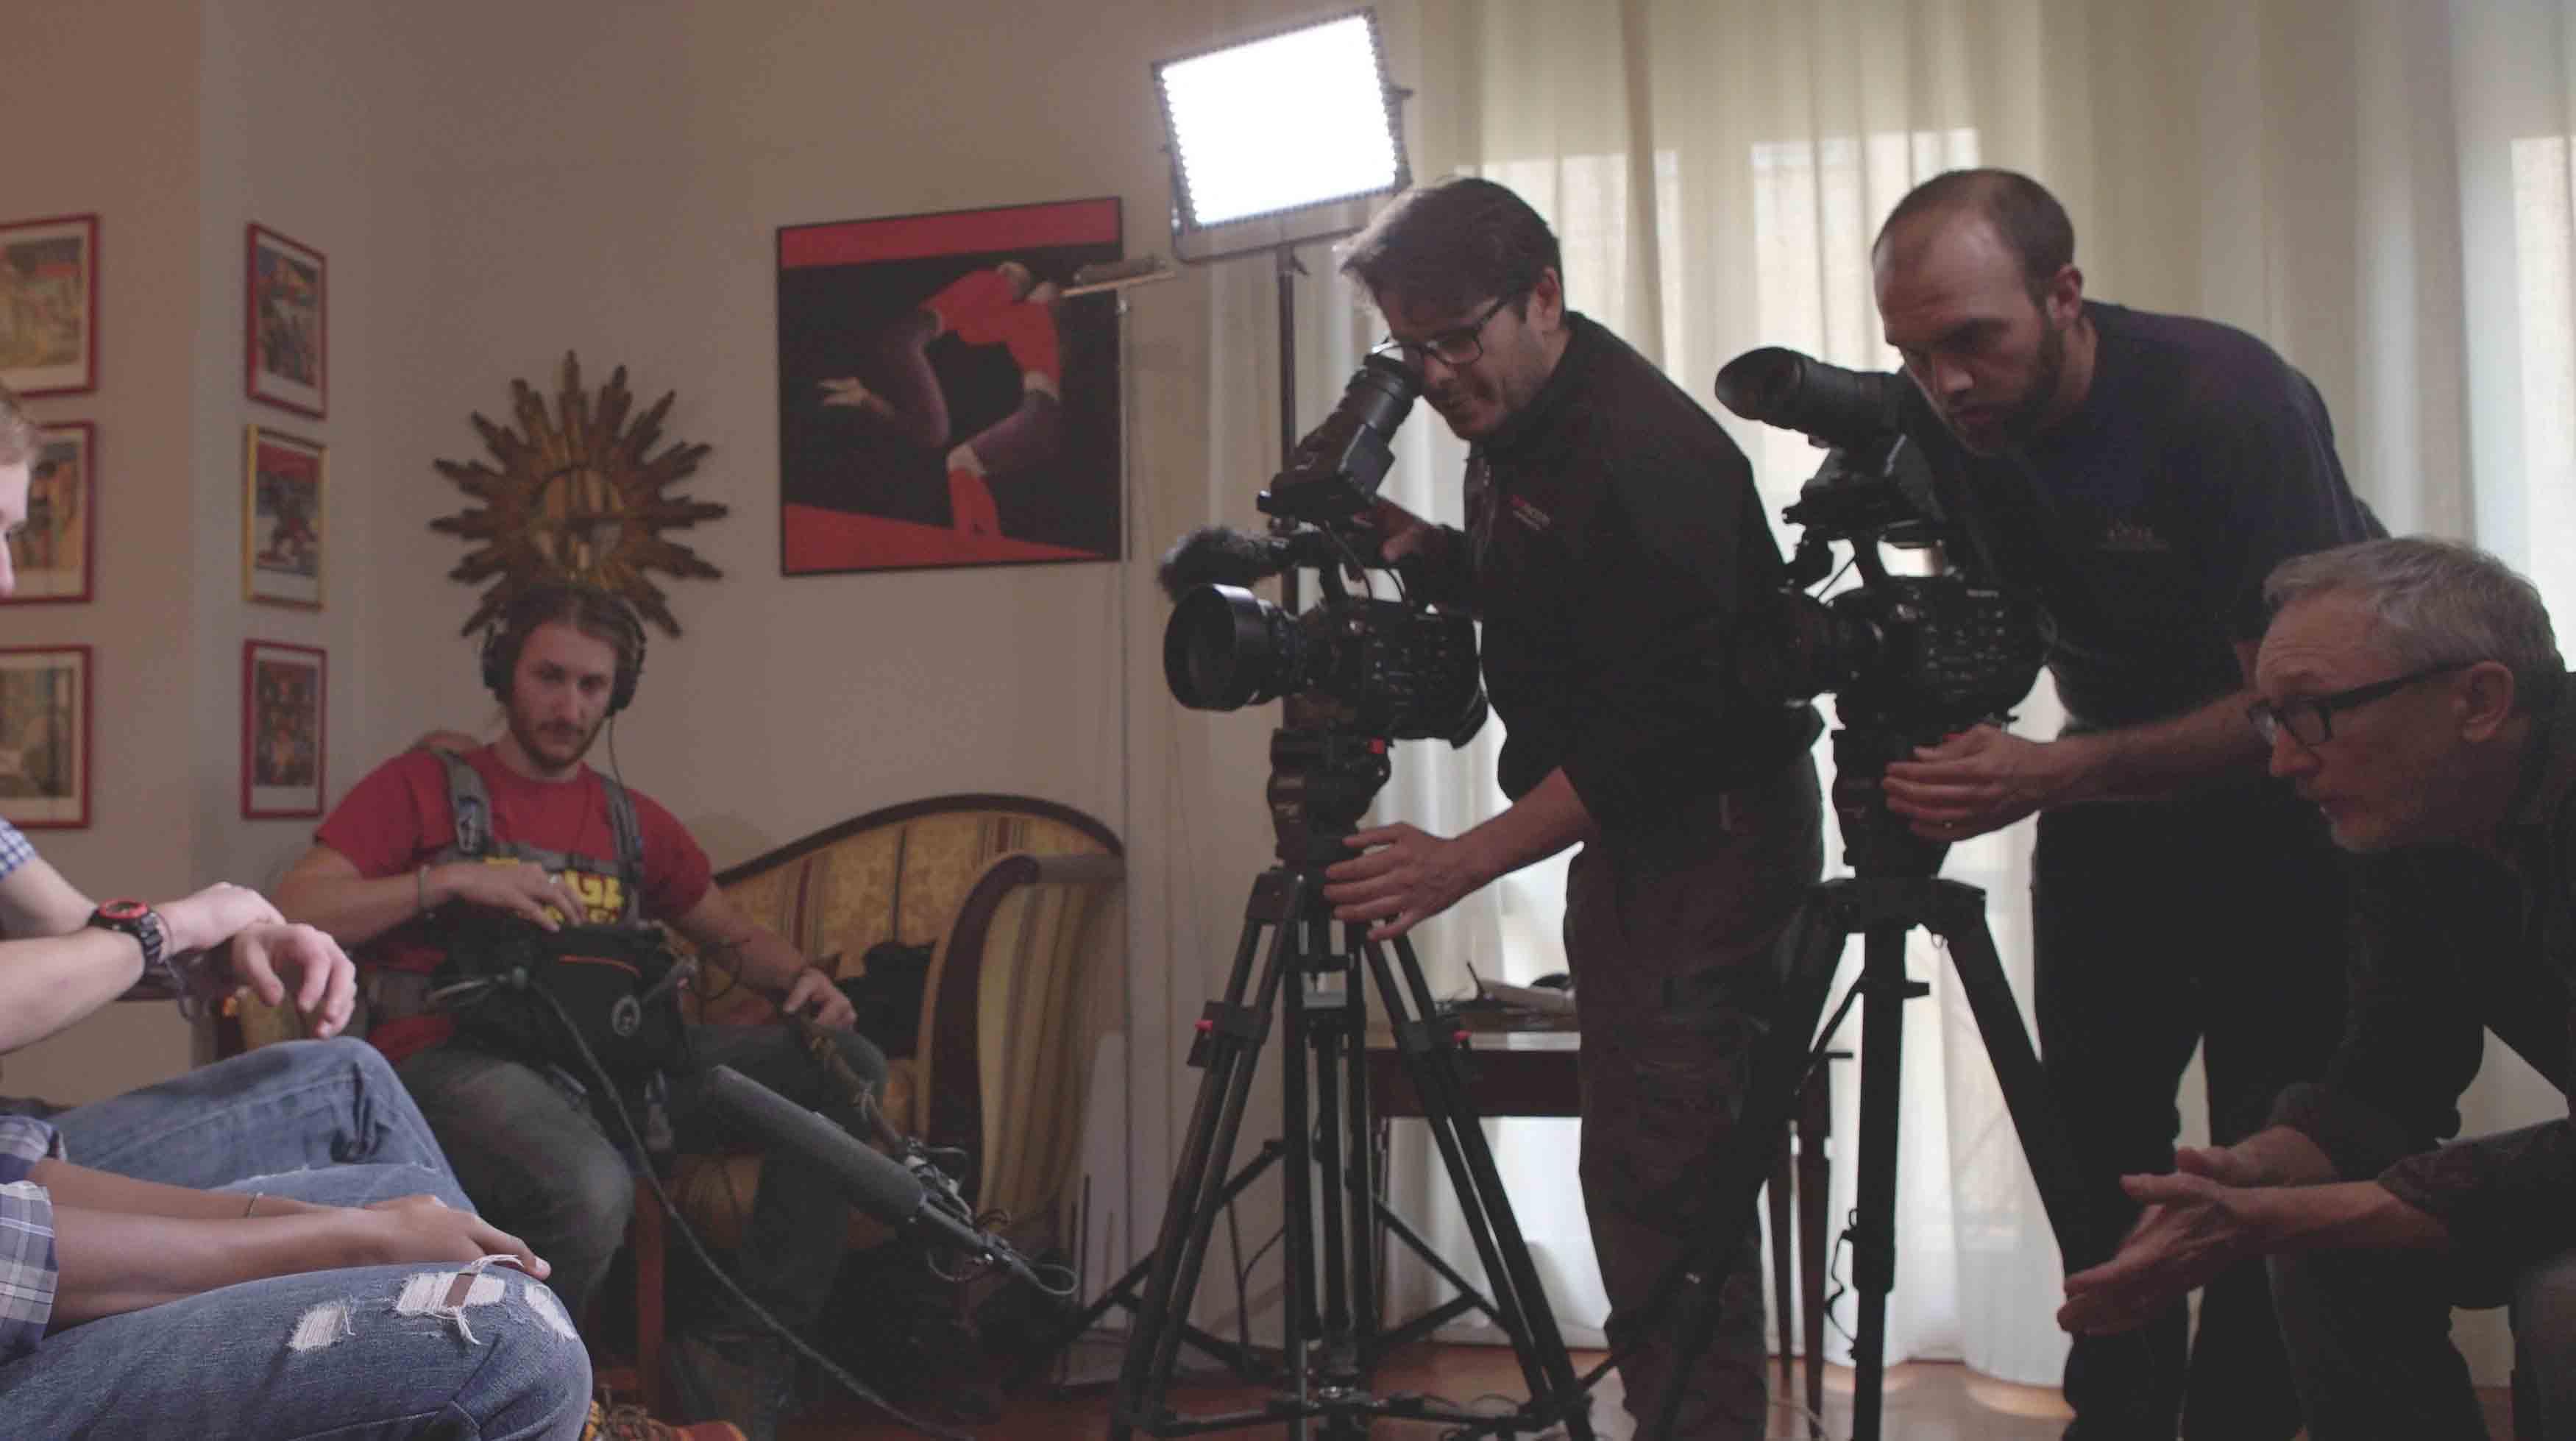 Ci servono idee per continuare a produrre #Tommyeglialtrifilm